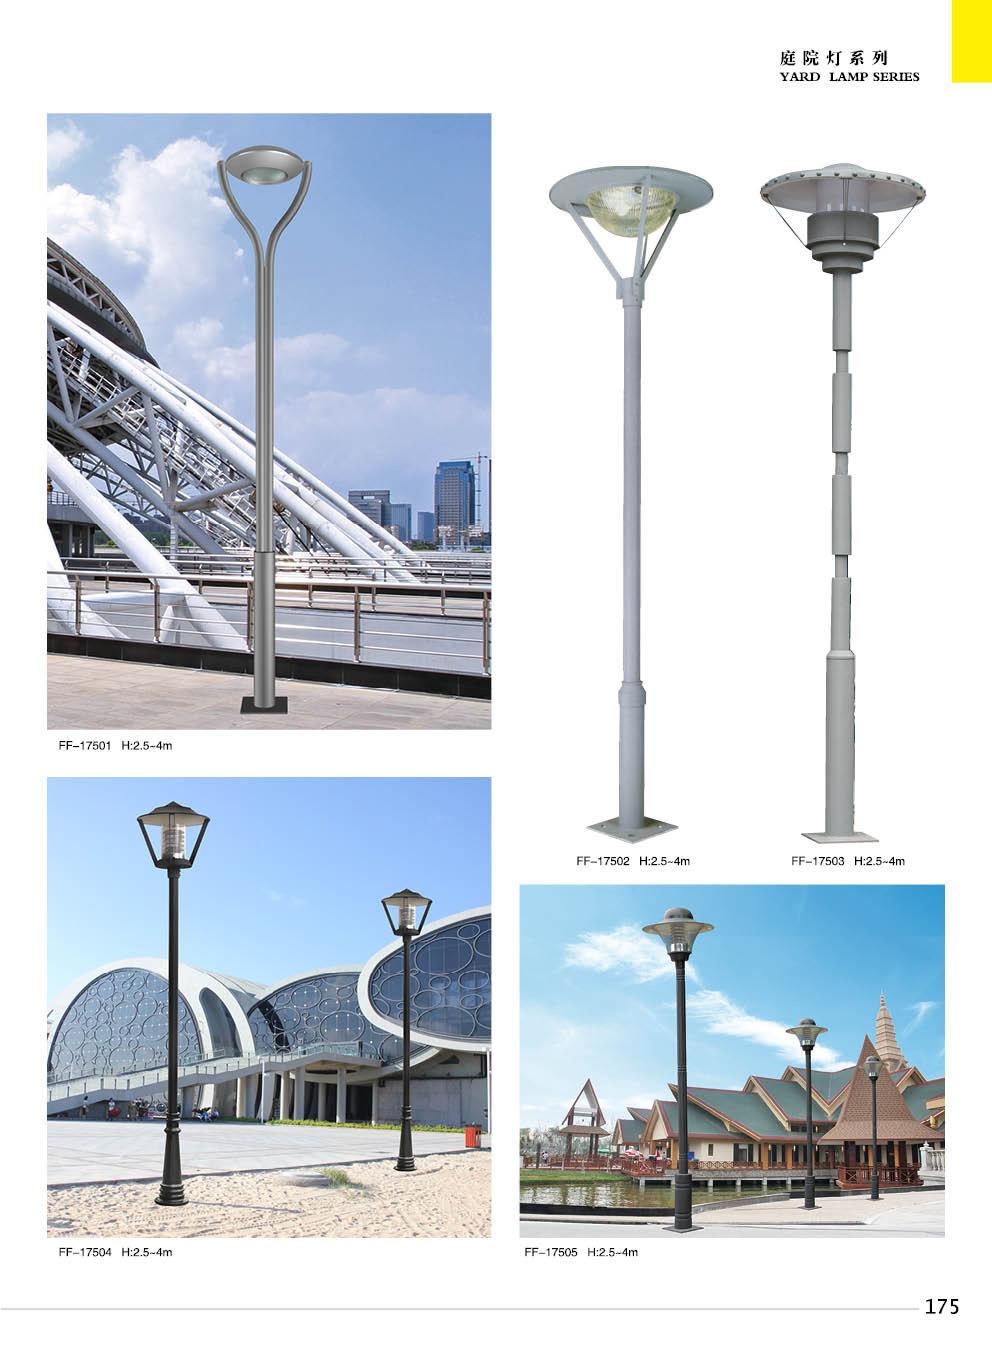 河南省郑州市各种不同庭院灯产品